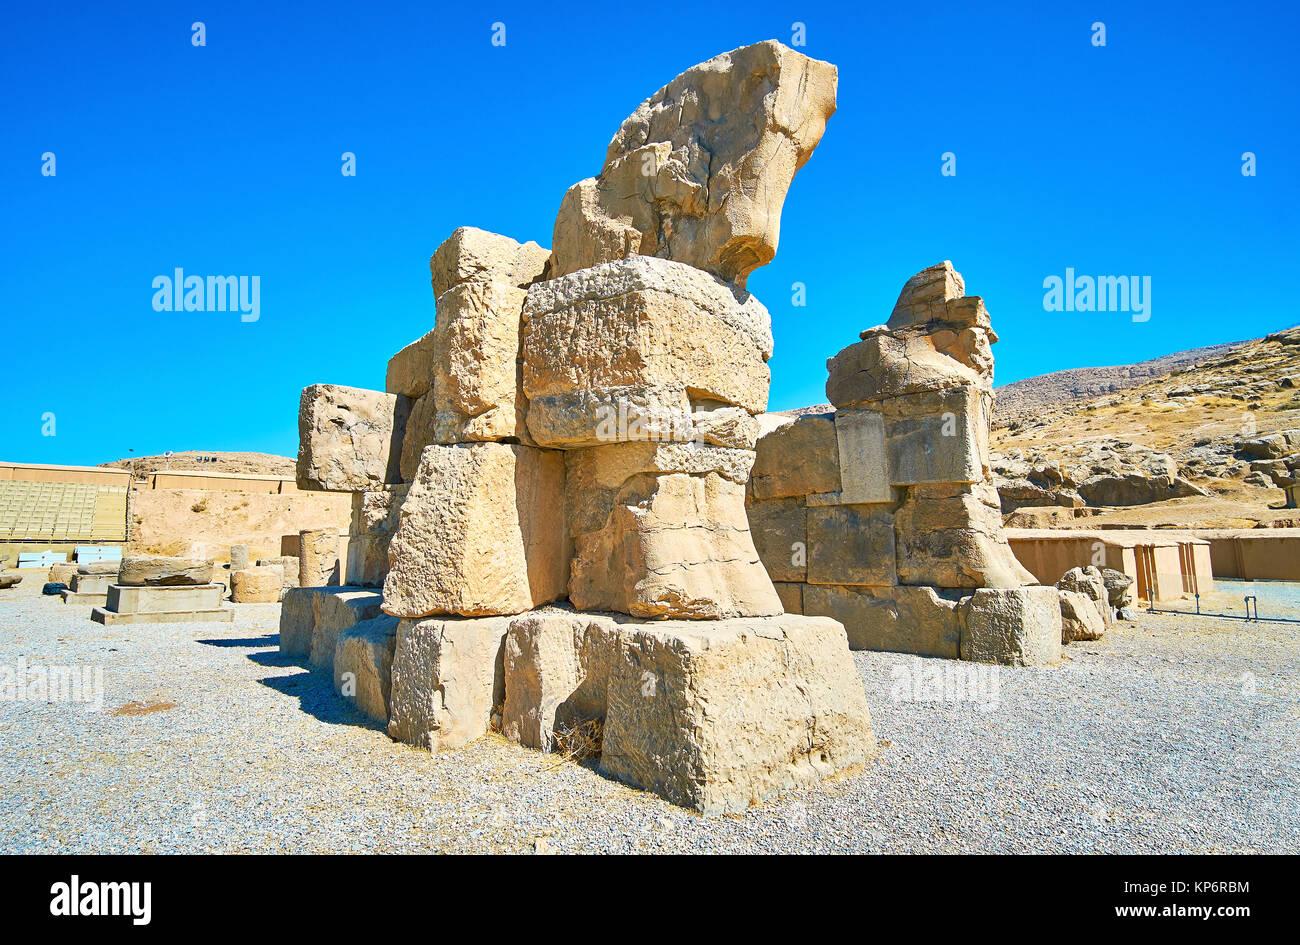 La puerta inconclusa en Persépolis se compone de enormes rocas y coronada con protome de caballos, Irán. Imagen De Stock